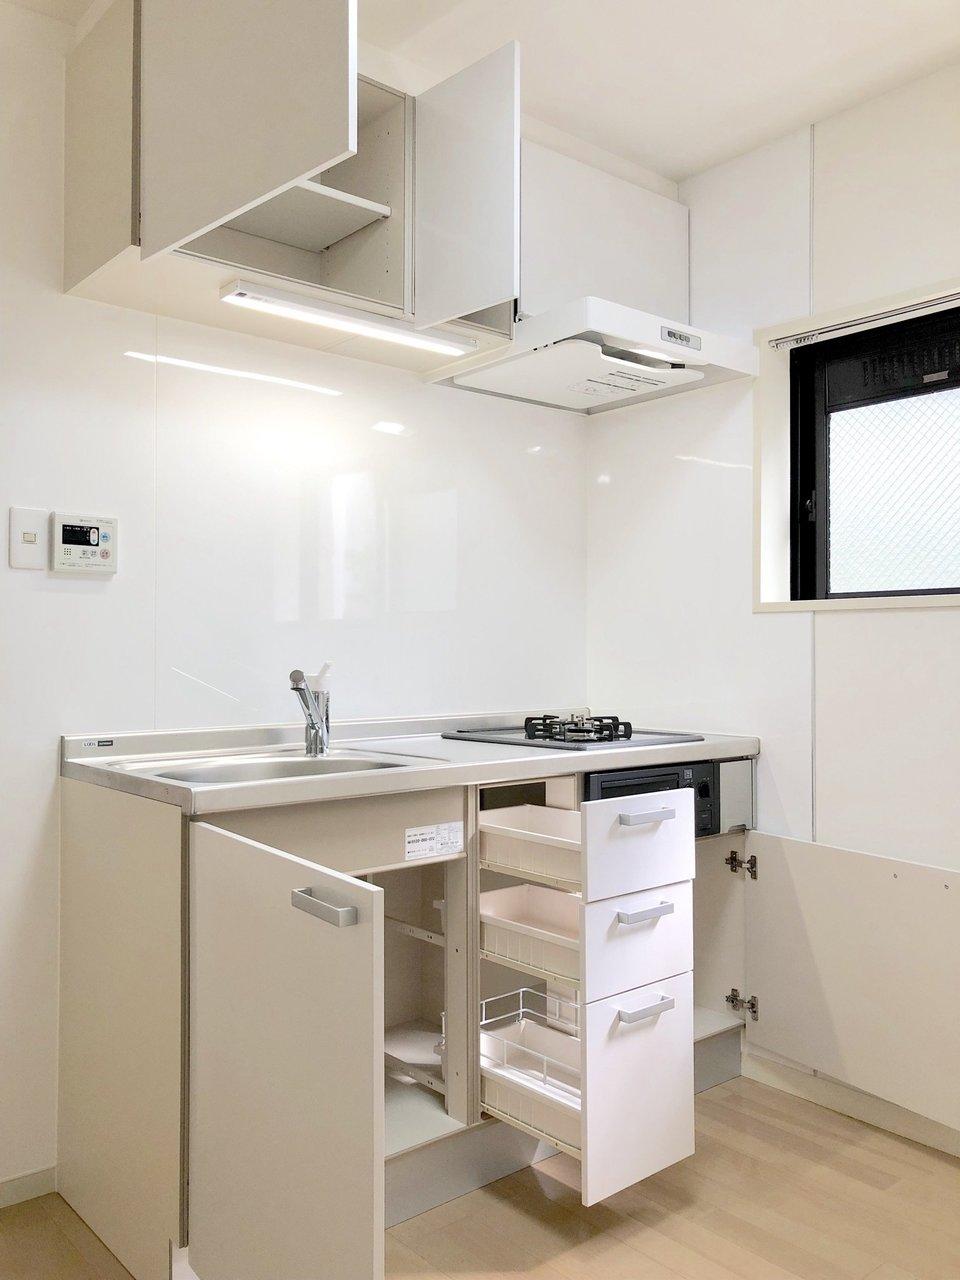 キッチンも2口ガスコンロ完備。作業スペースもあるので、自炊派の方はうれしいですね。しかも収納スペースもふんだんにありますよ。キッチンにも小窓があります。室内全体に明るさが入る、そんなお部屋です。